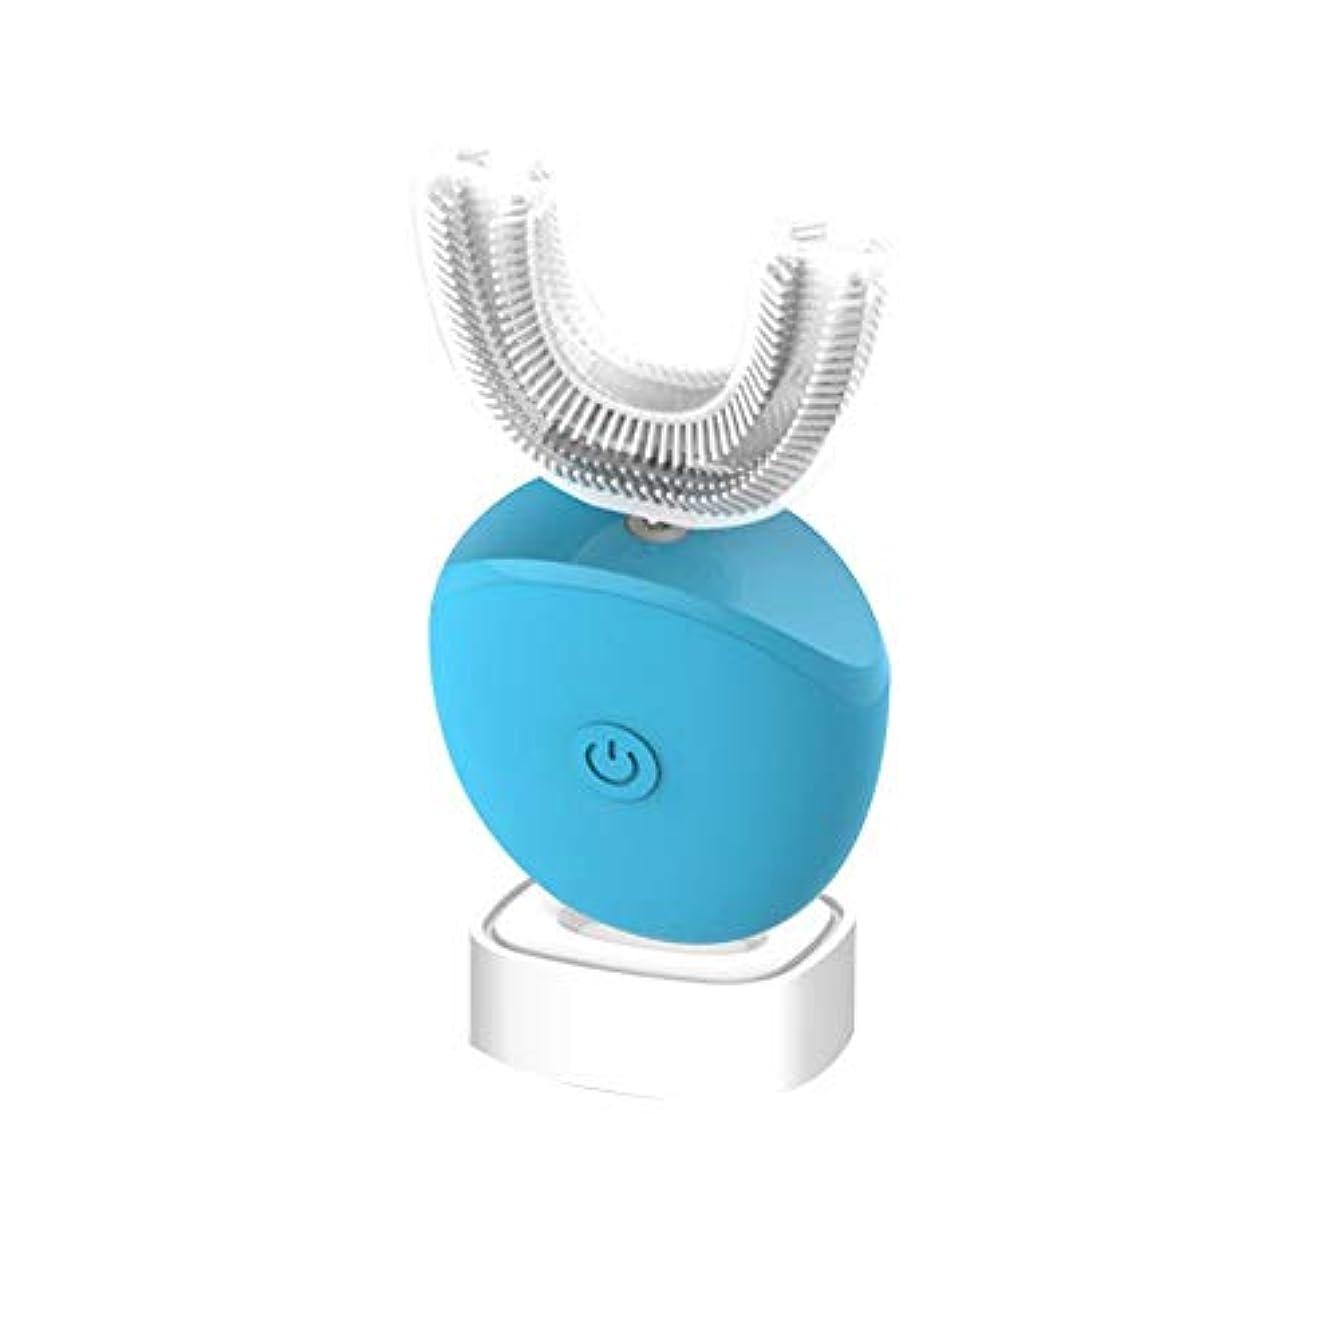 木材請願者重さフルオートマチック可変周波数電動歯ブラシ、自動360度U字型電動歯ブラシ、ワイヤレス充電IPX7防水自動歯ブラシ(大人用),Blue